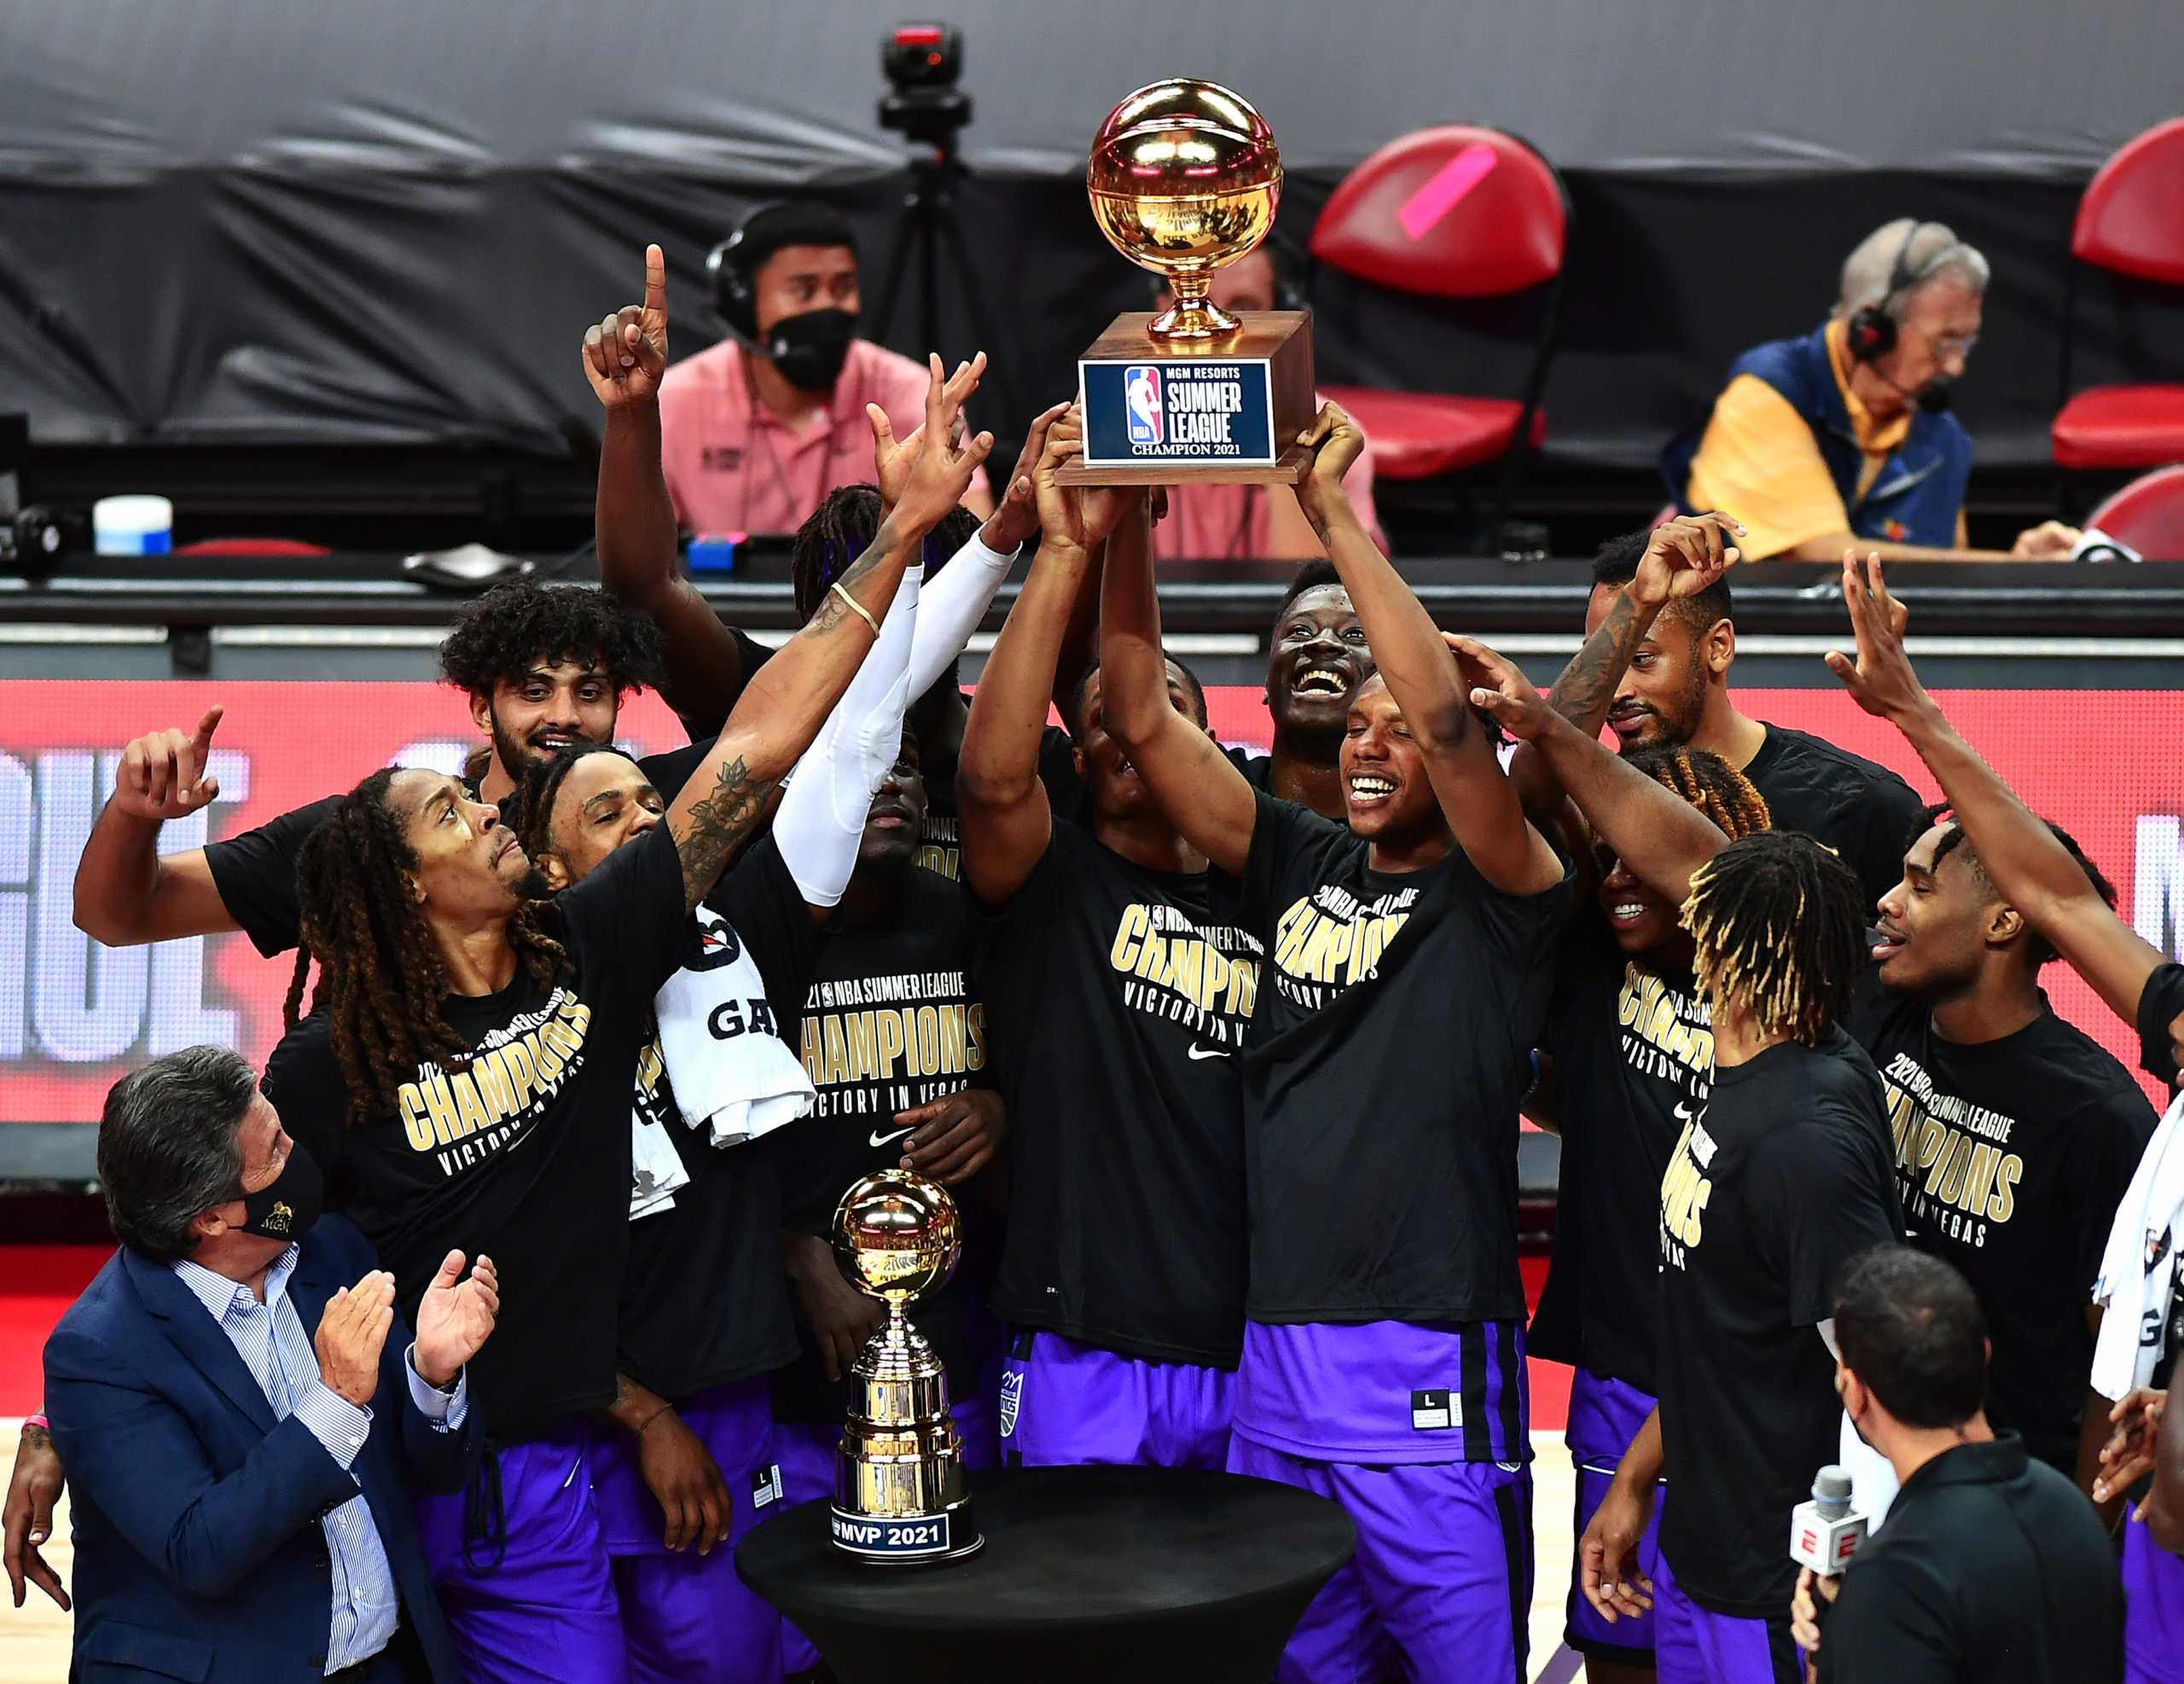 Οι Σακραμέντο Κινγκς του Άλεξ Αντετοκούνμπο κατέκτησαν το NBA Summer League